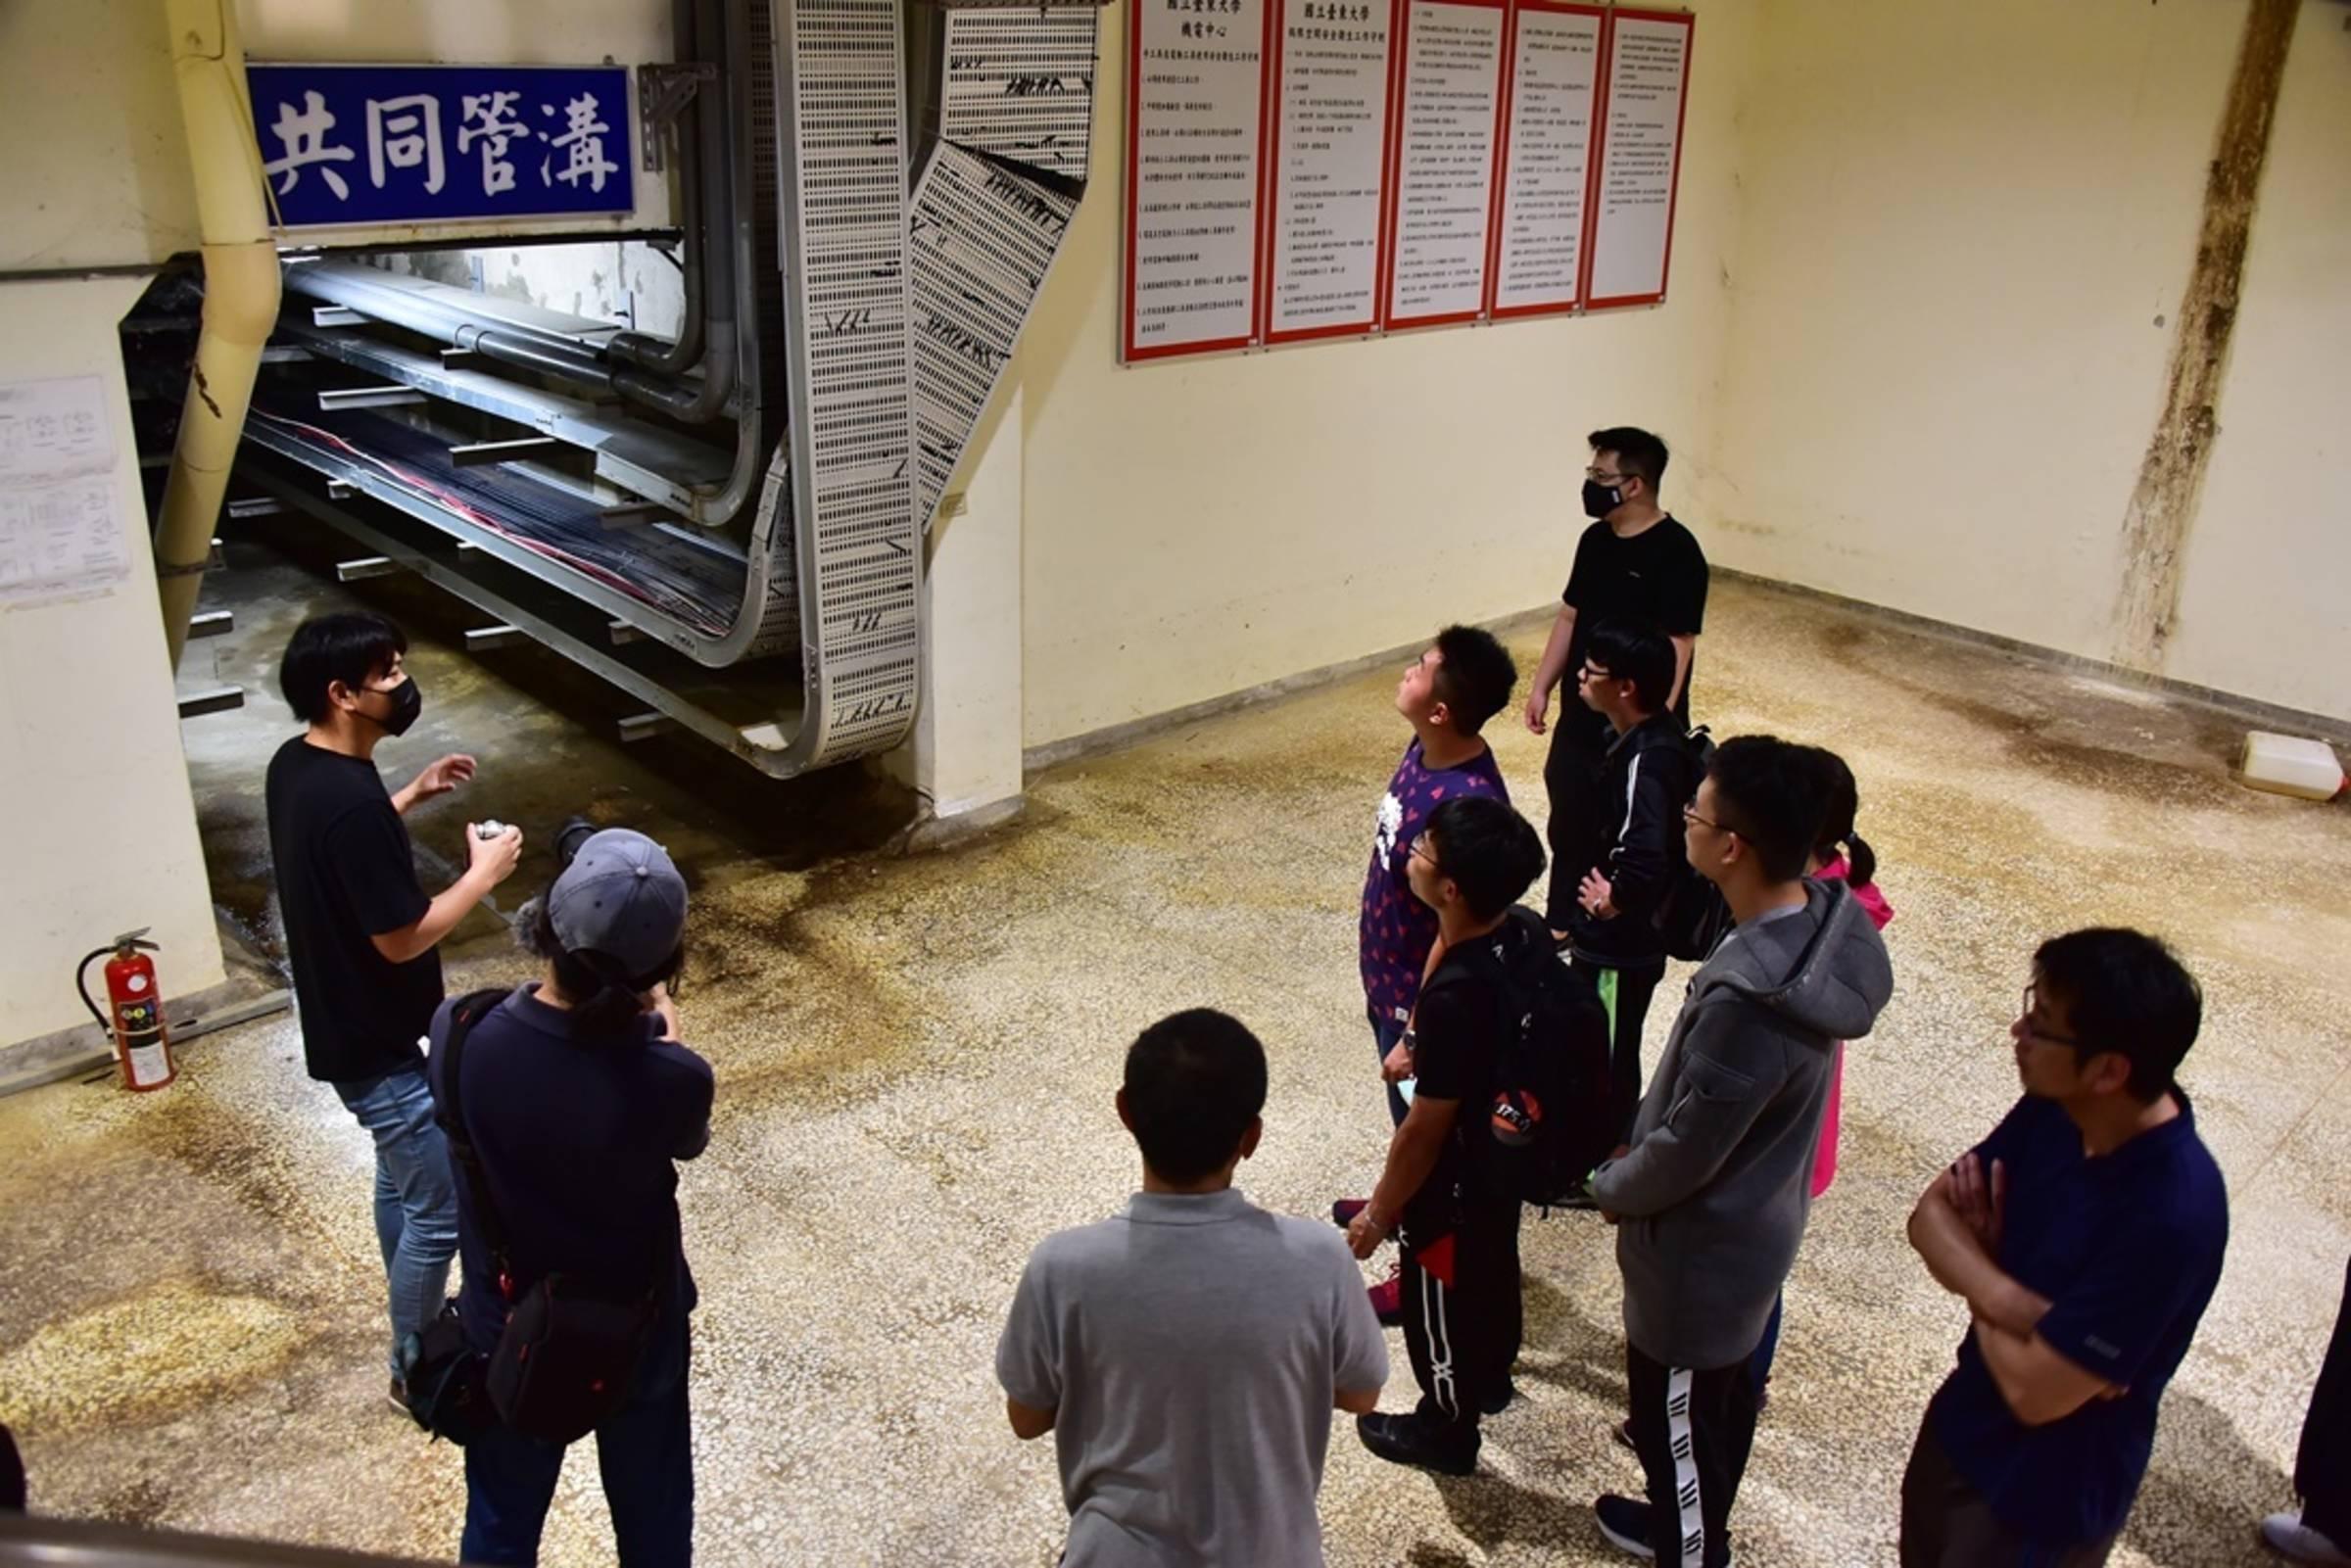 臺東大學校園生態環保之旅帶領師生一窺神秘的地下共同管溝真面目。